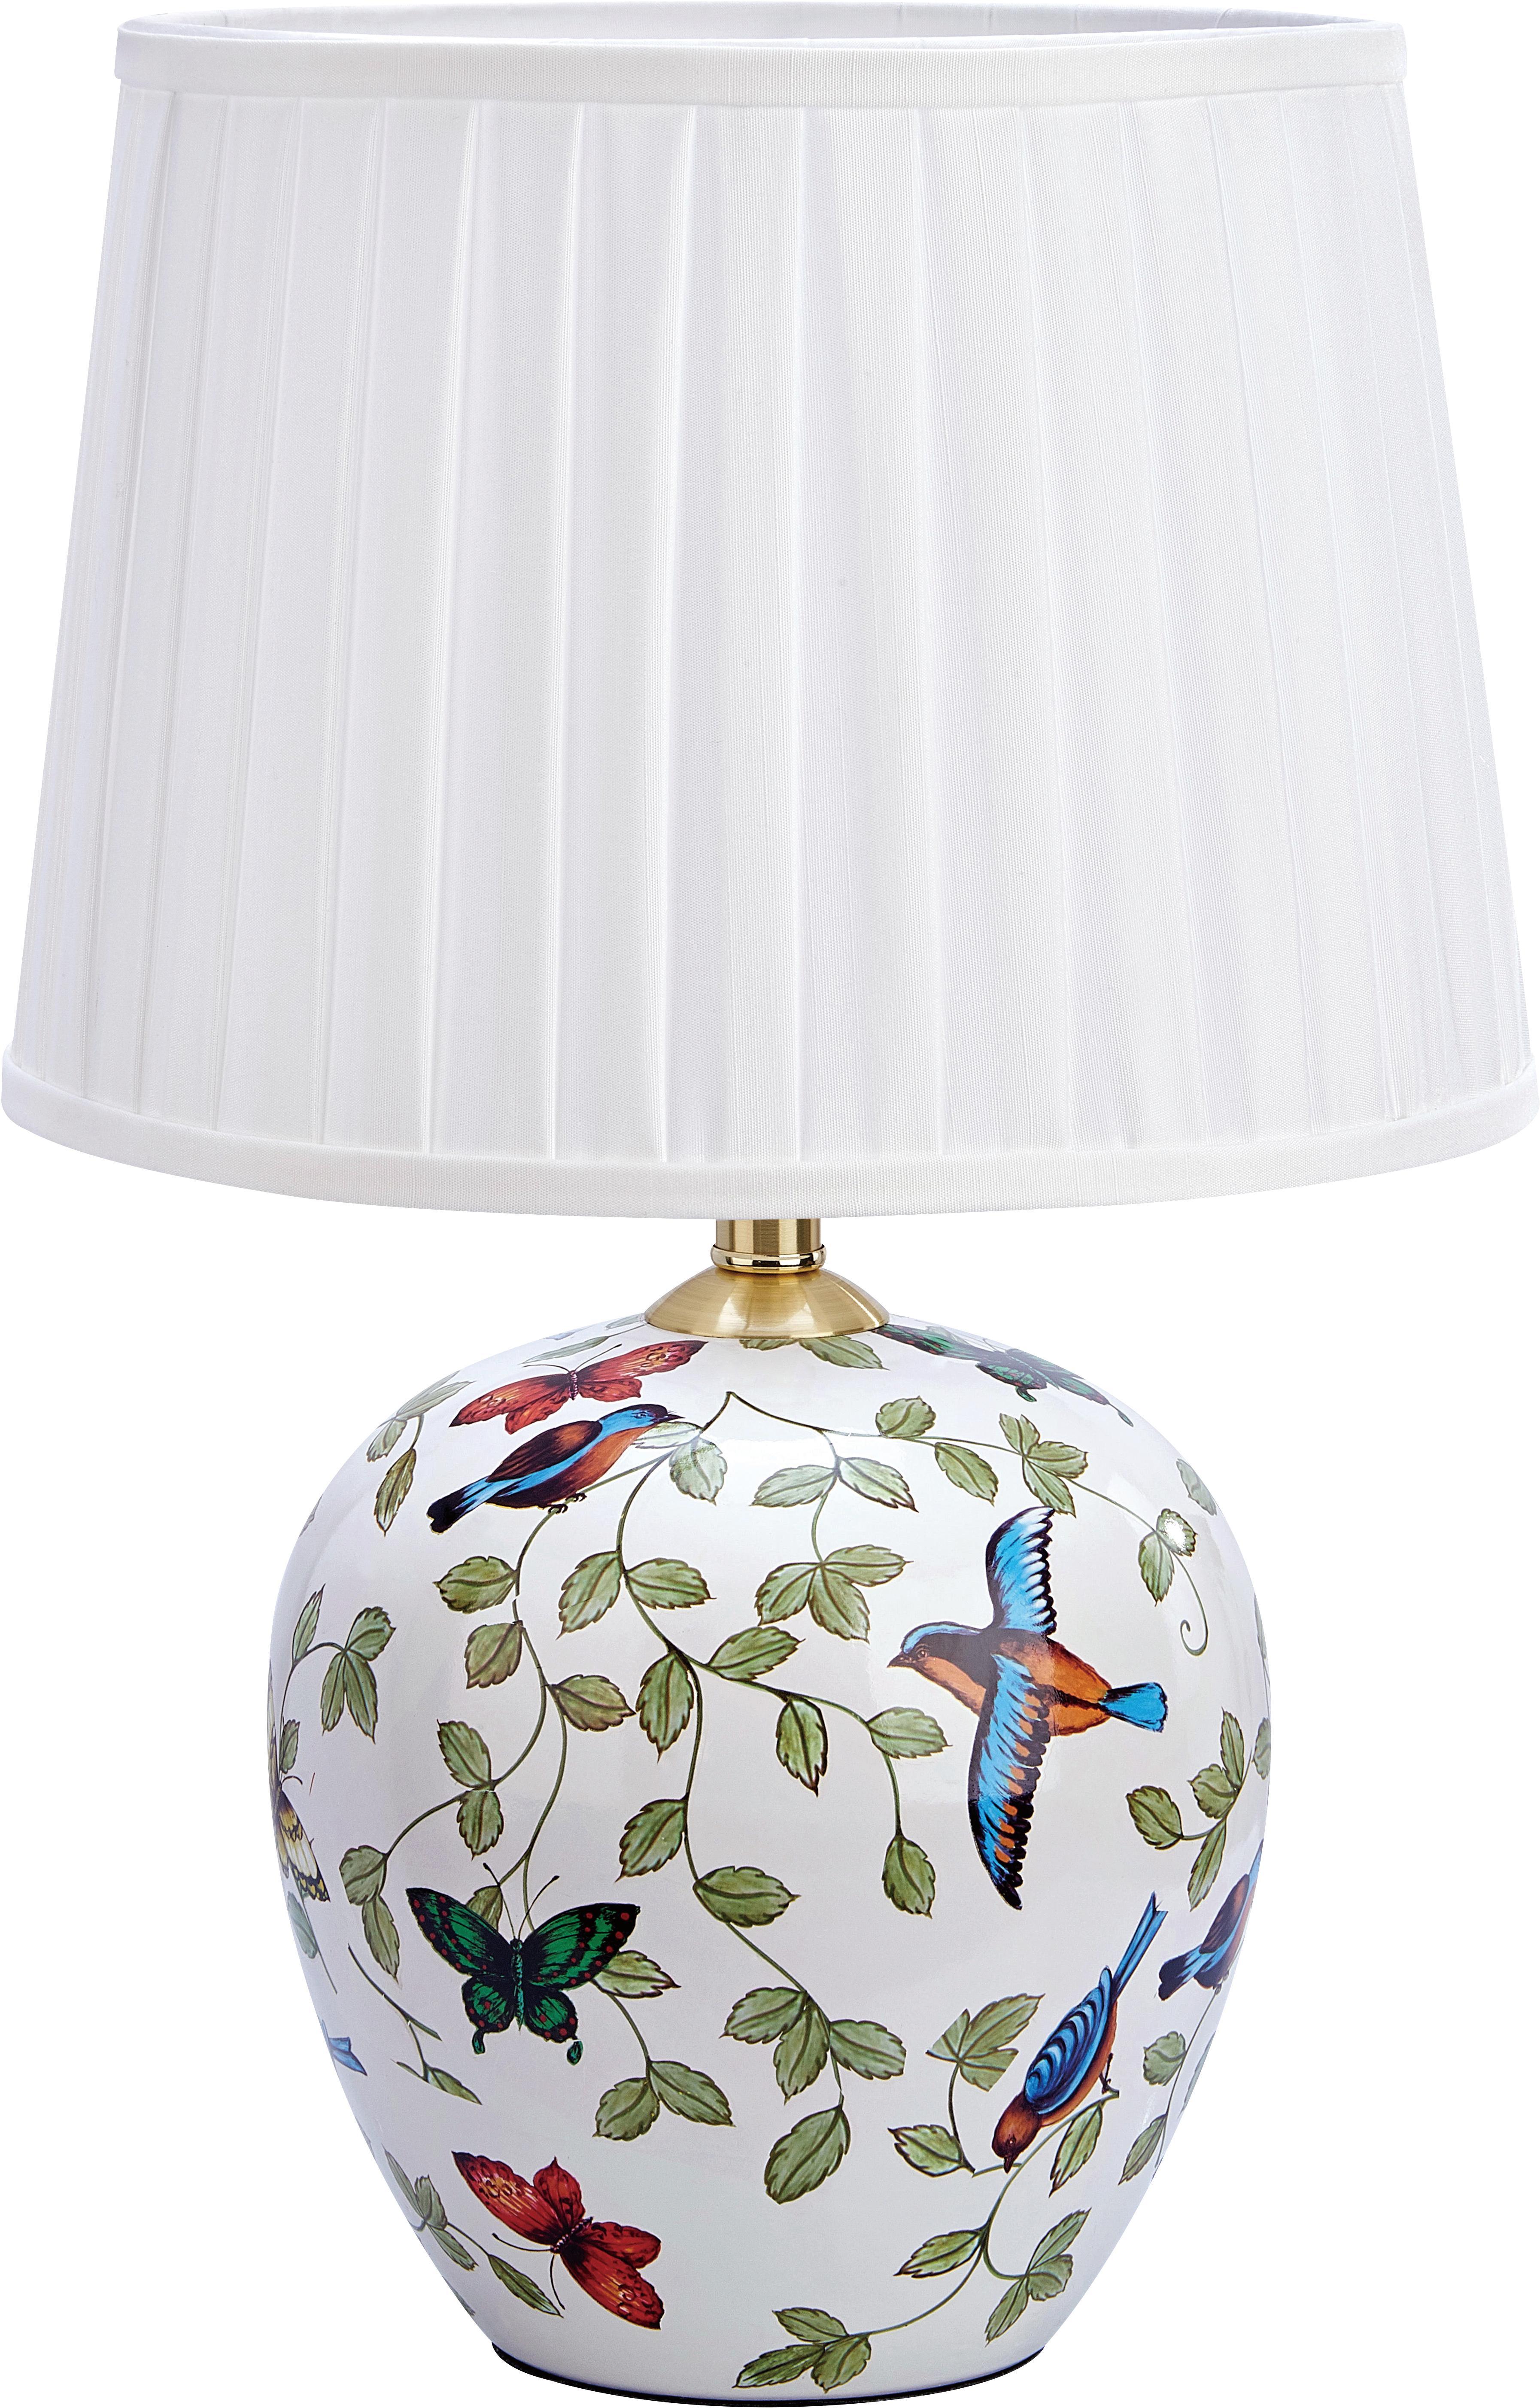 Keramik-Tischlampe Mansion, Lampenschirm: Textil, Weiss, Mehrfarbig, Ø 31 x H 45 cm